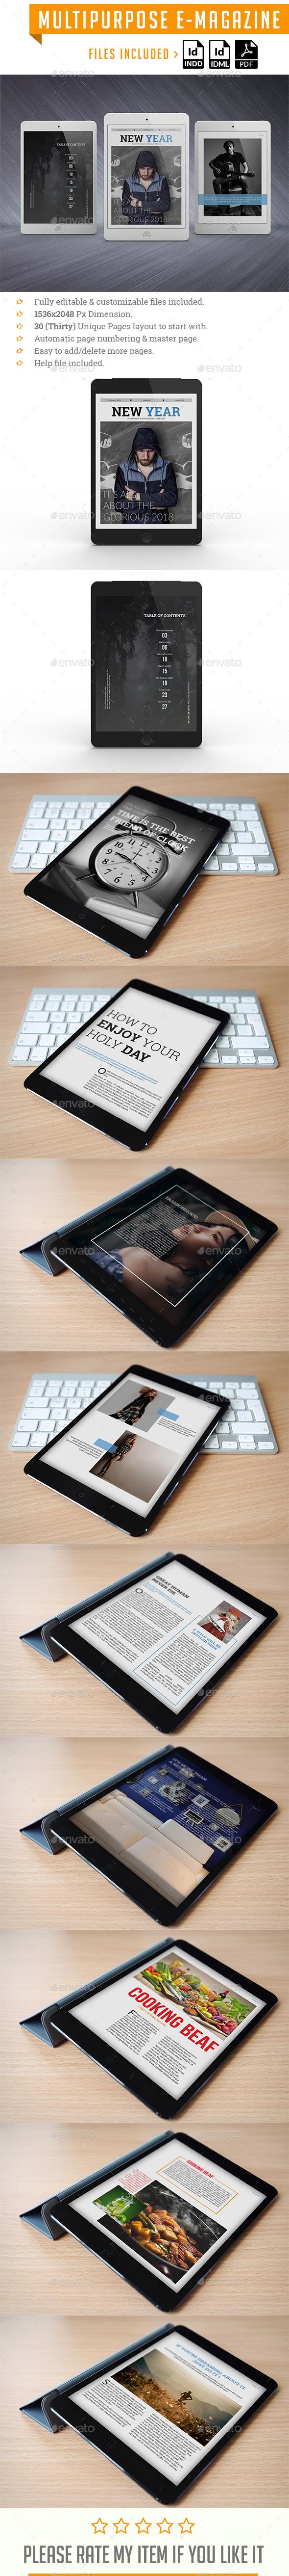 Multi purpose E-Magazine - Digital Magazines ePublishing